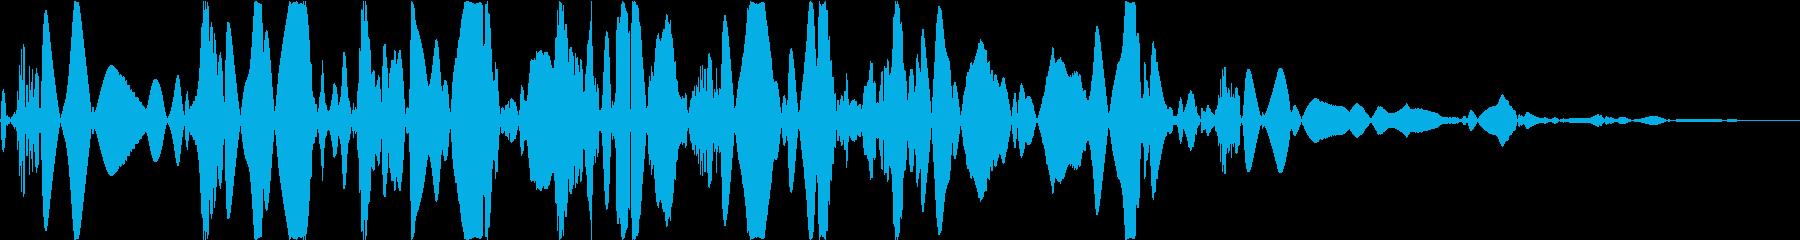 ベチャッ06(泥・液体系のアクション音)の再生済みの波形